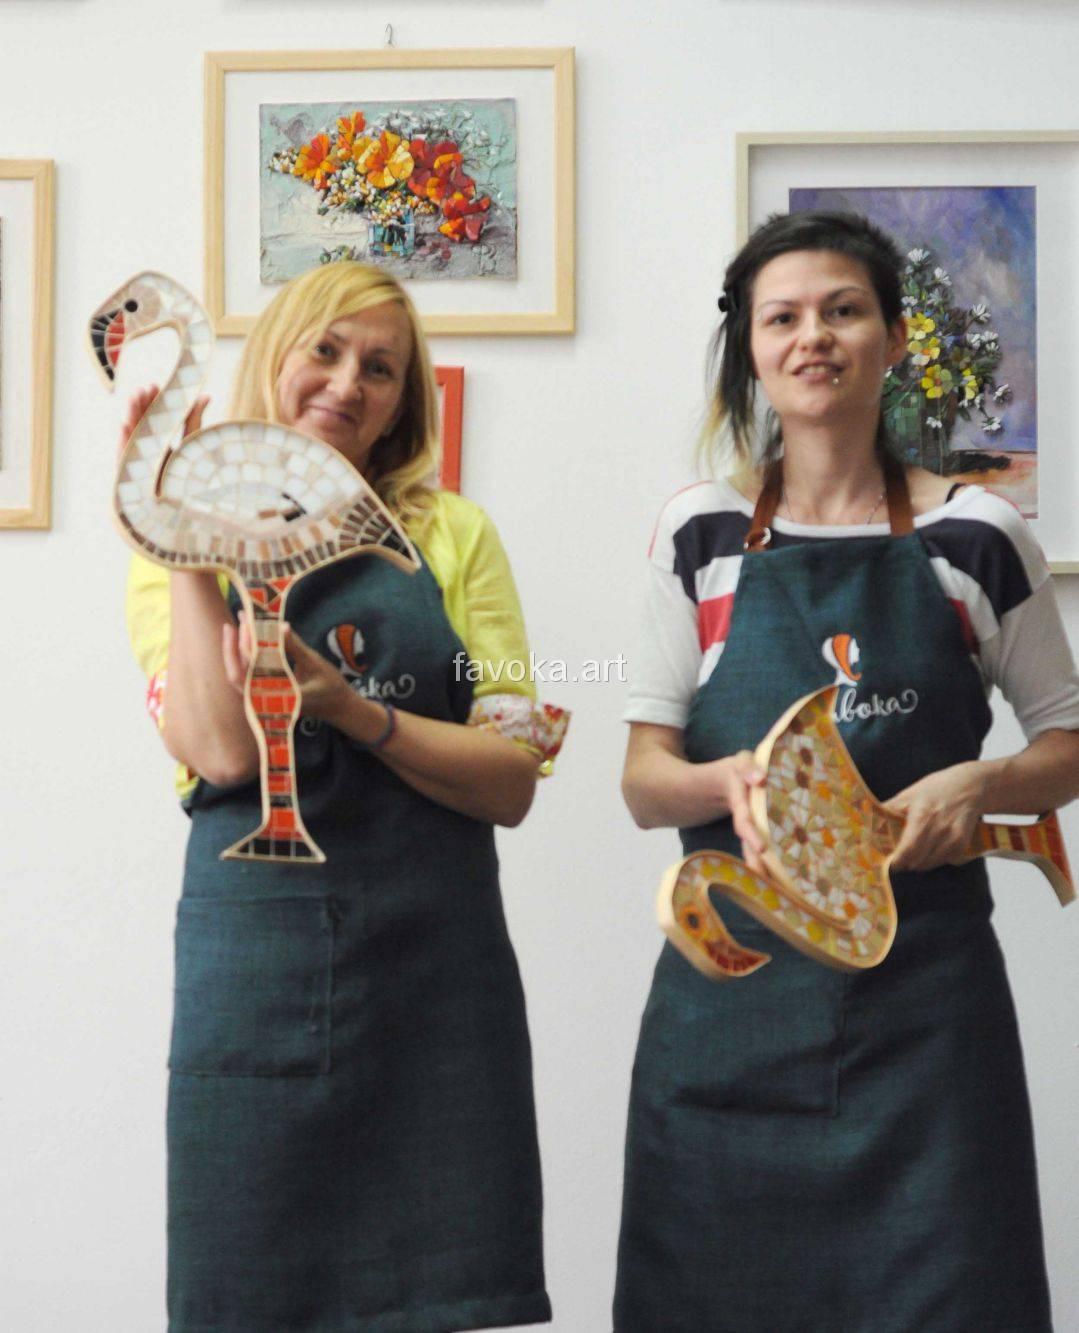 """Наша ученица с прекрасным розовым фламинго, сделанным из мозаики, после нашего мастер-класса """"Фламинго"""", справа наш мастер-художник Карина - ФаВоКа."""